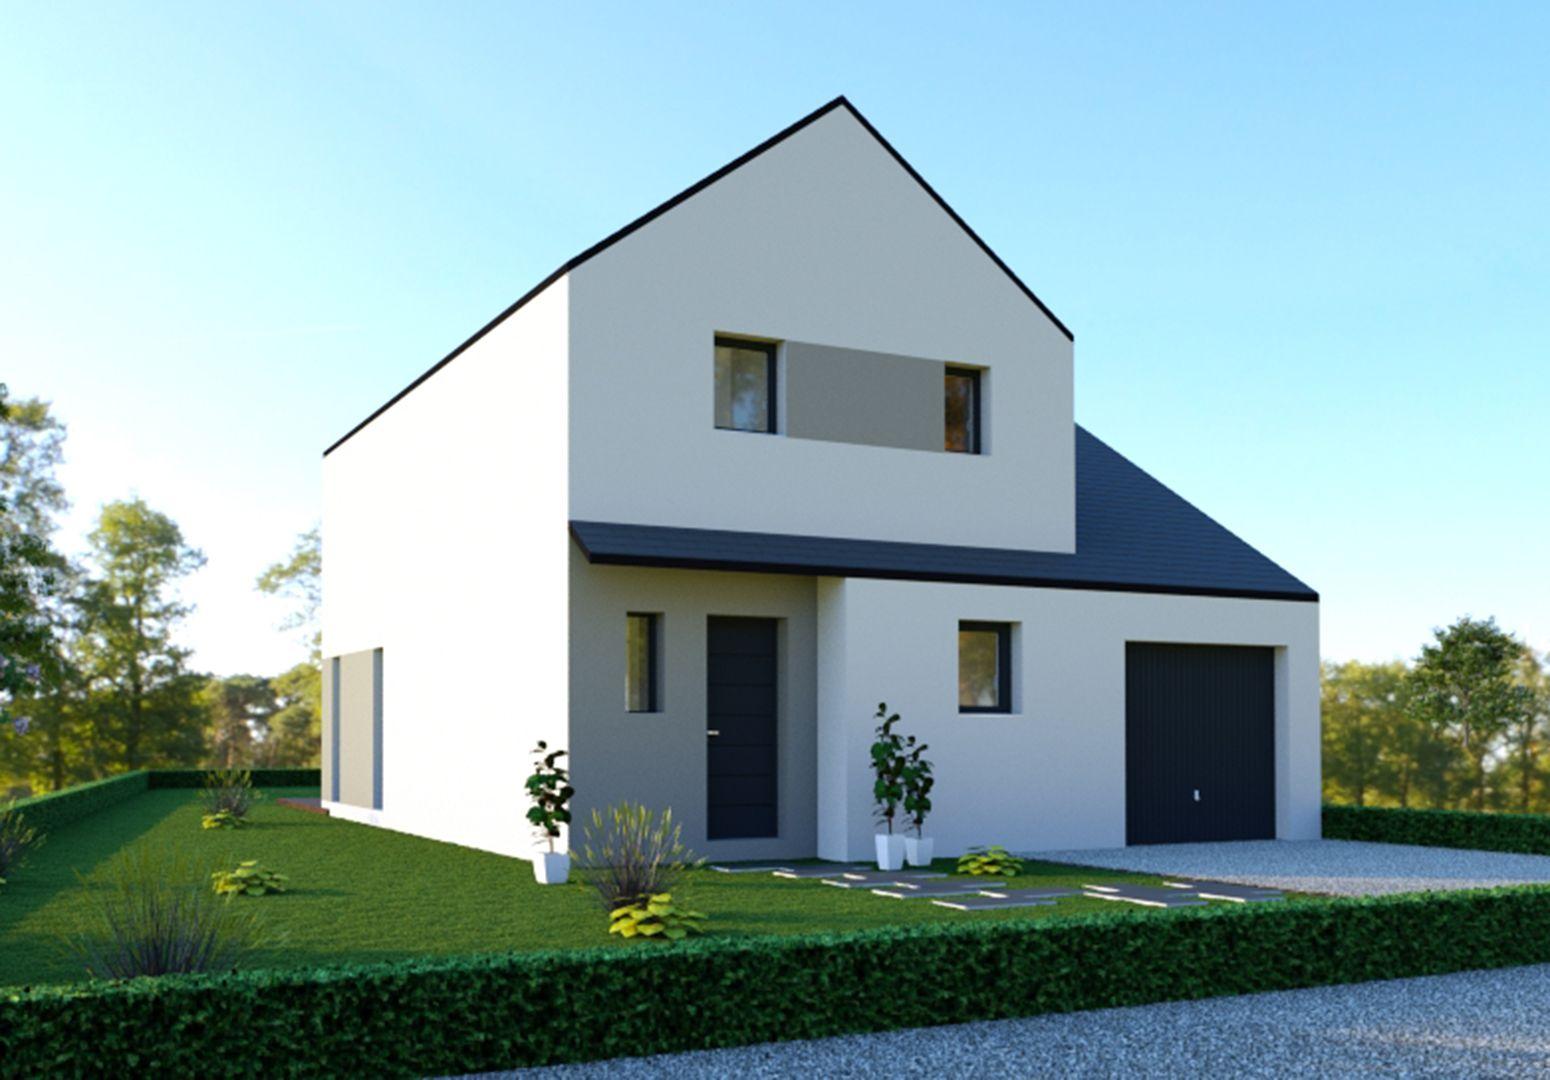 Image du modèle de maison PERROS-GUIREC 3CH 100